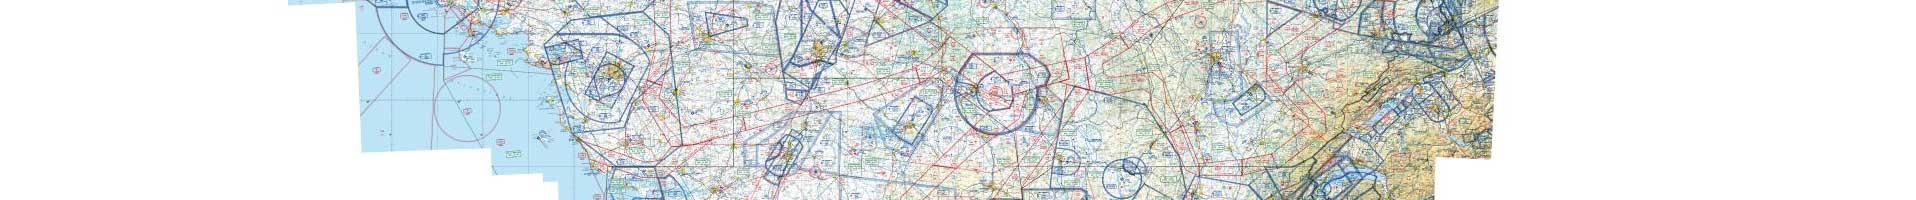 Carte aéronautique OACI / IGN 1er niveau d'agrandissement